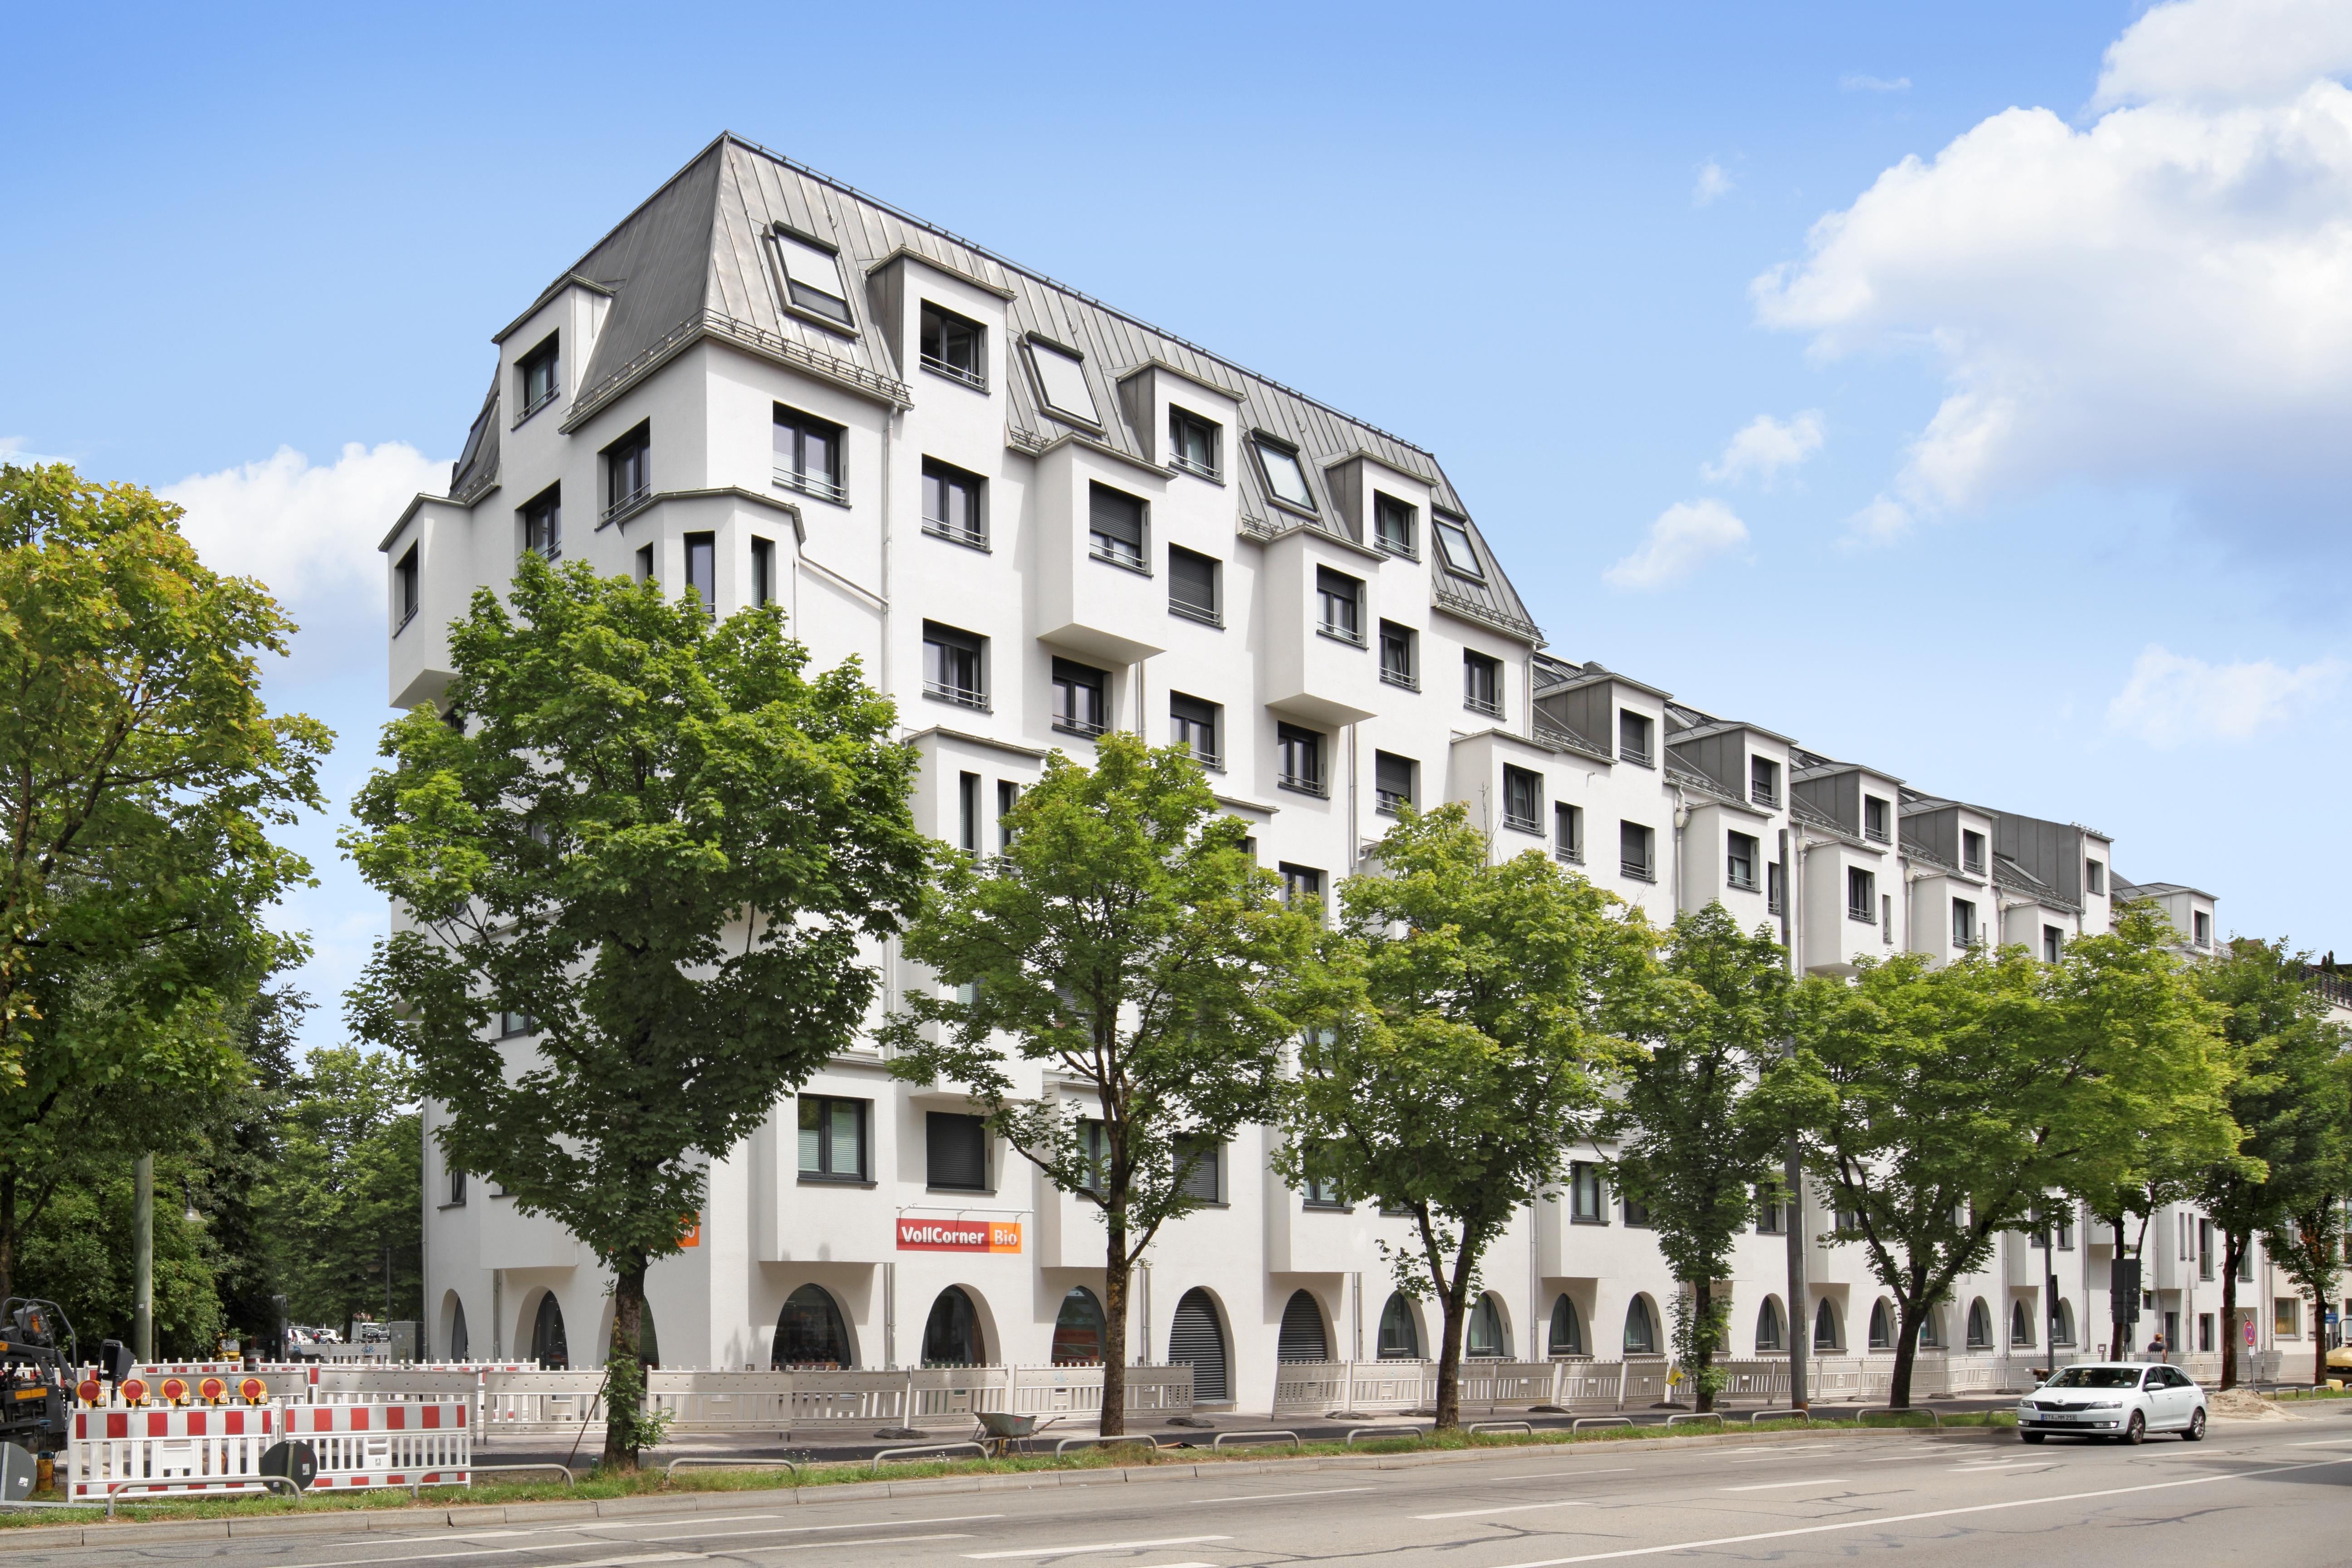 YouniqStudentenwohnheim München 07/18